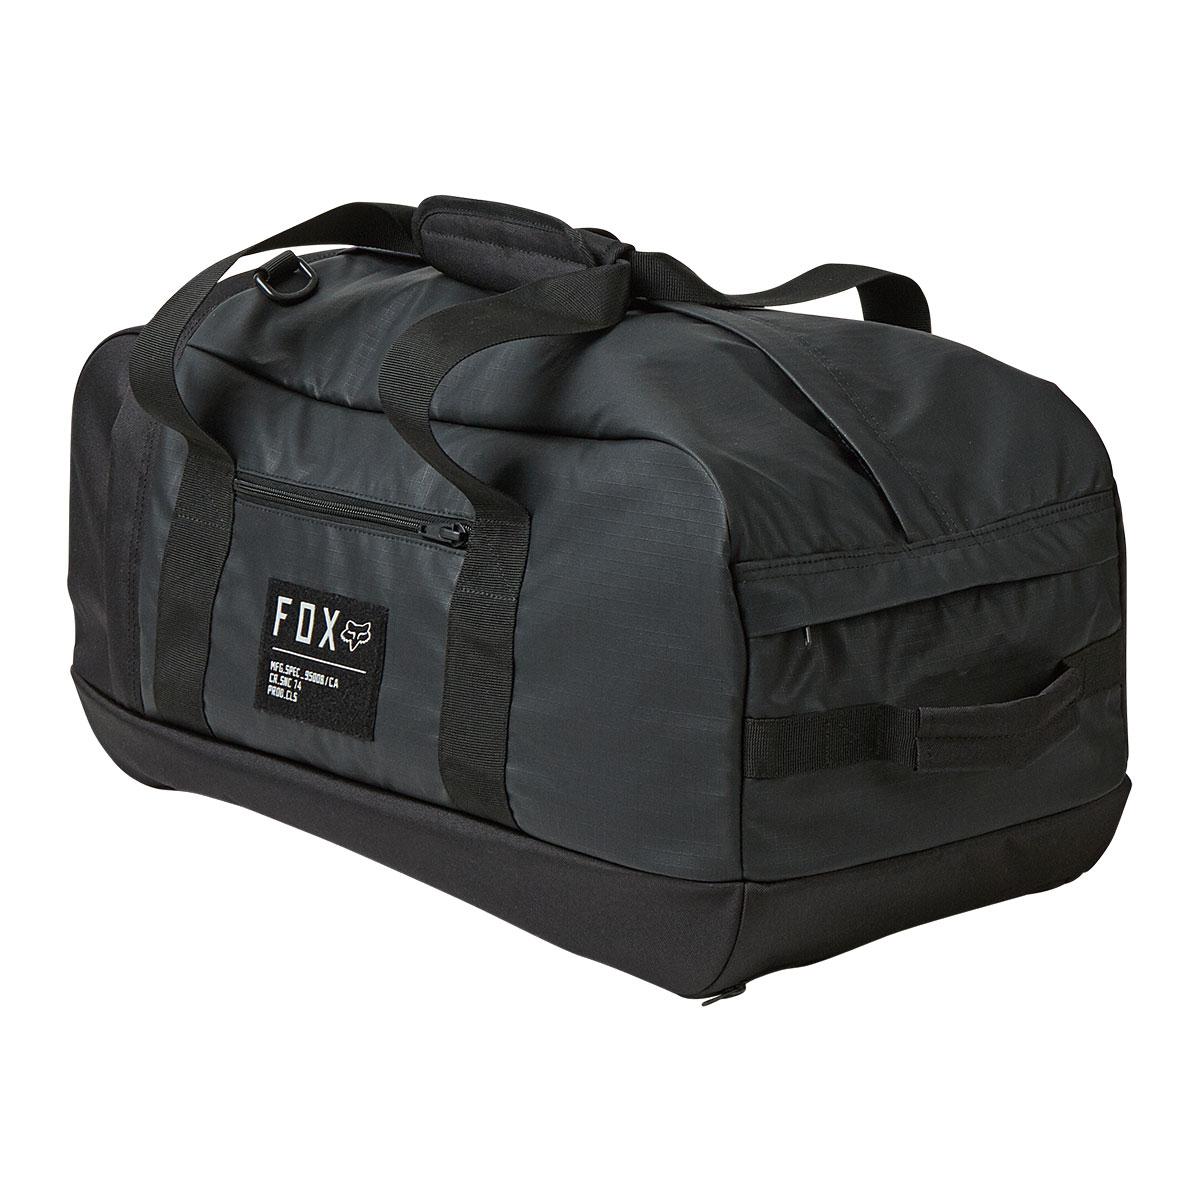 ダッフルバッグからバックパックまで。FOX新作一気に登場